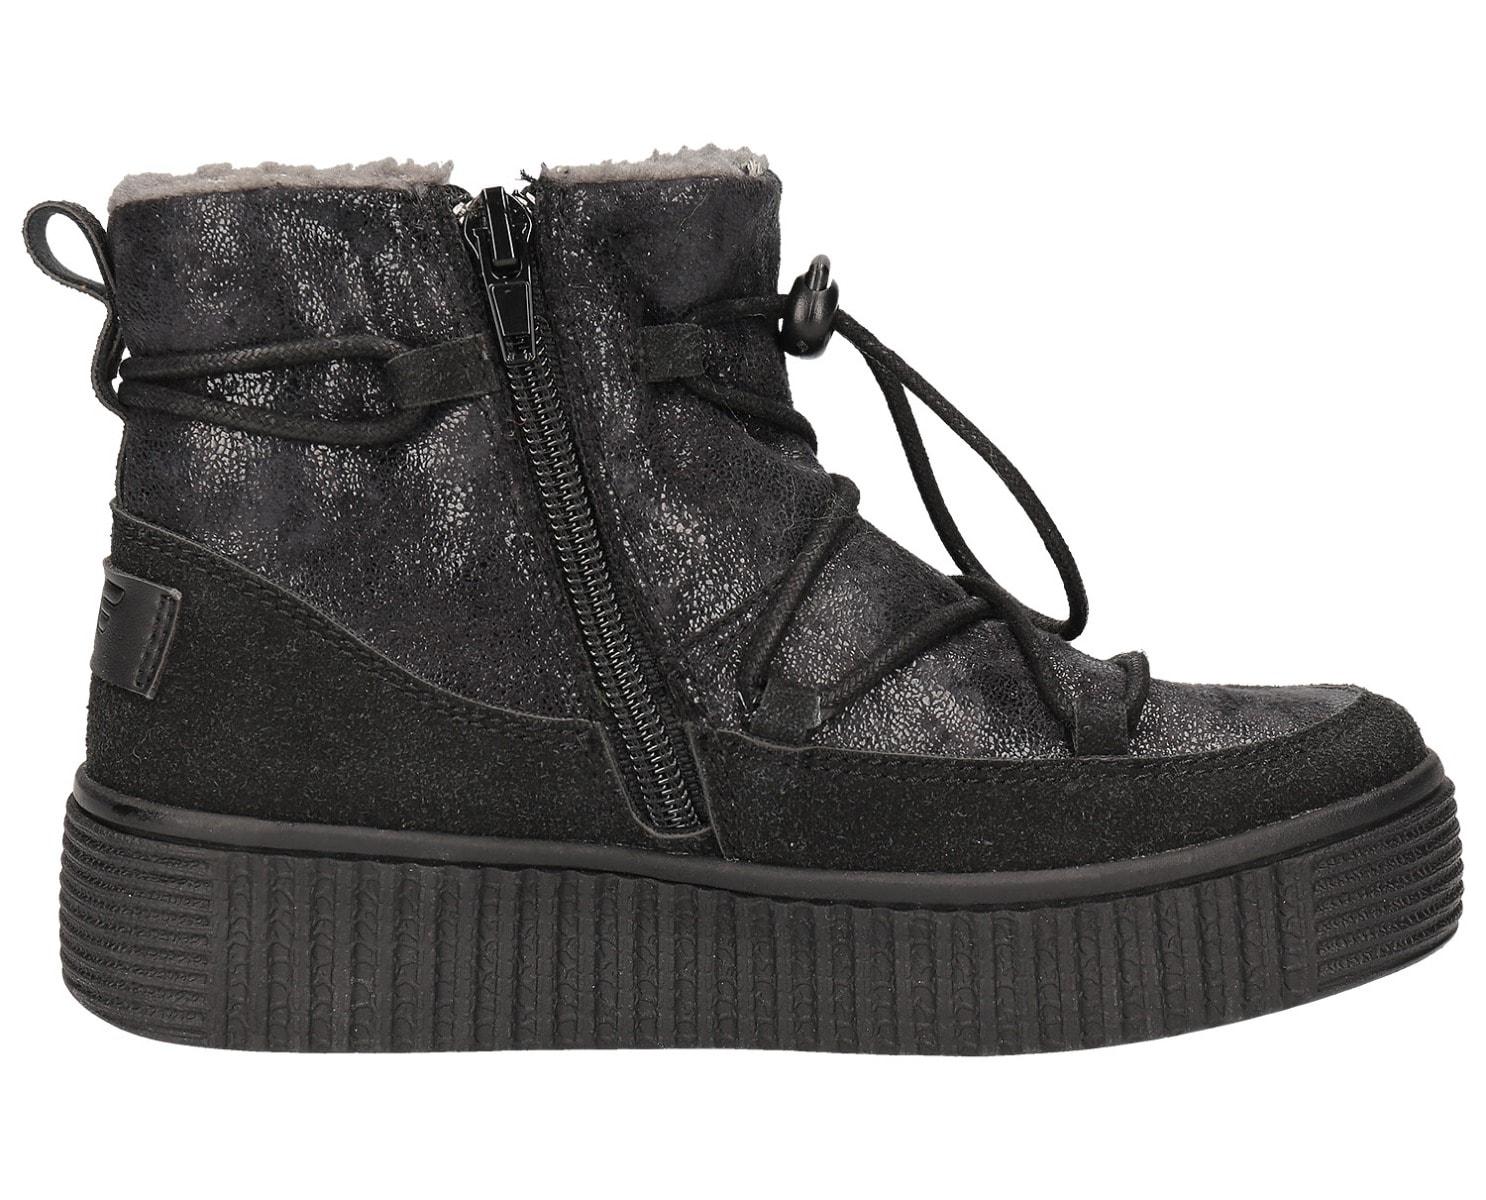 Buty jesienne dla dużych dzieci (dziewcząt) JOBDA202 – głęboka czerń